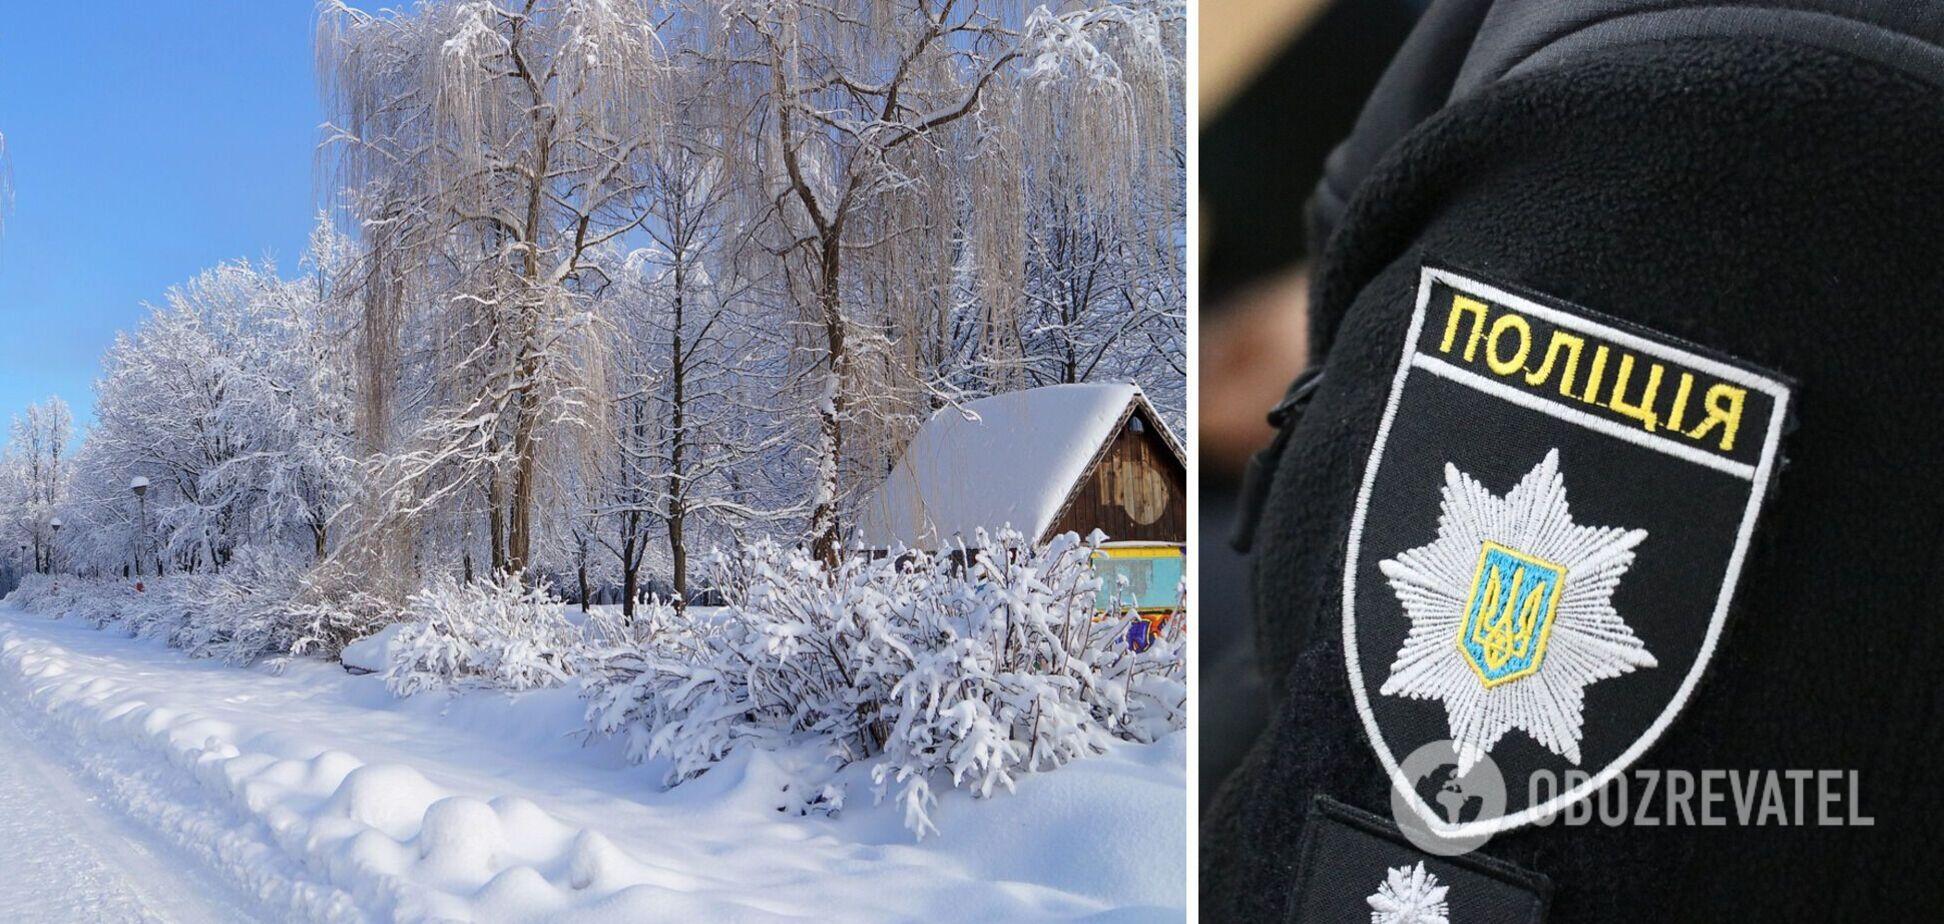 Українець збрехав копам про вбивство, щоб ті розчистили сніг